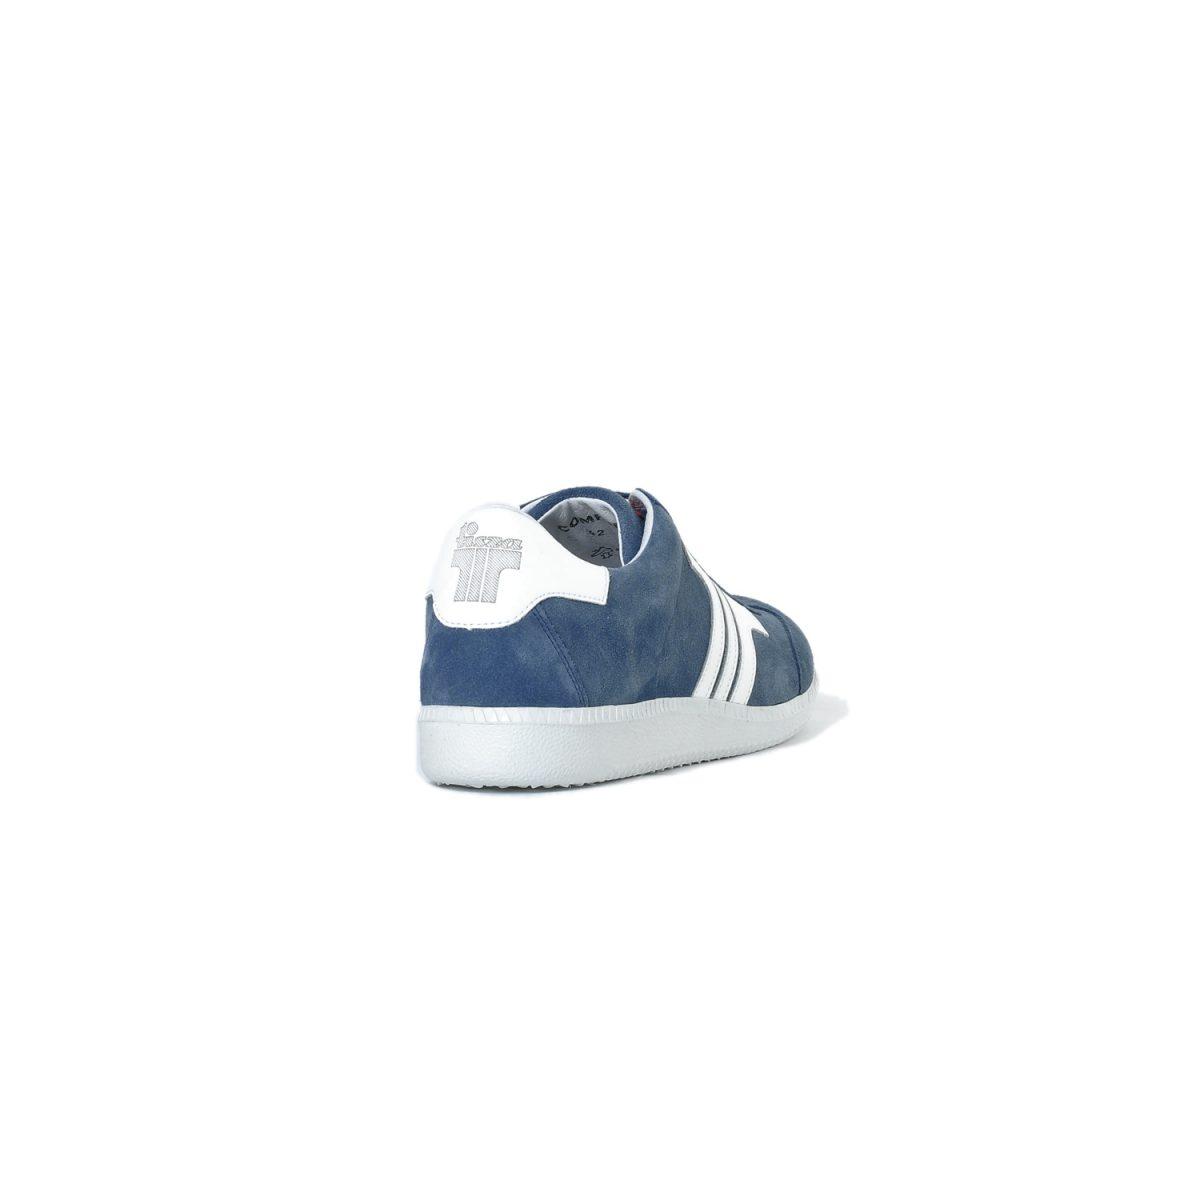 Tisza cipő - Comfort - Sötétkék-fehér